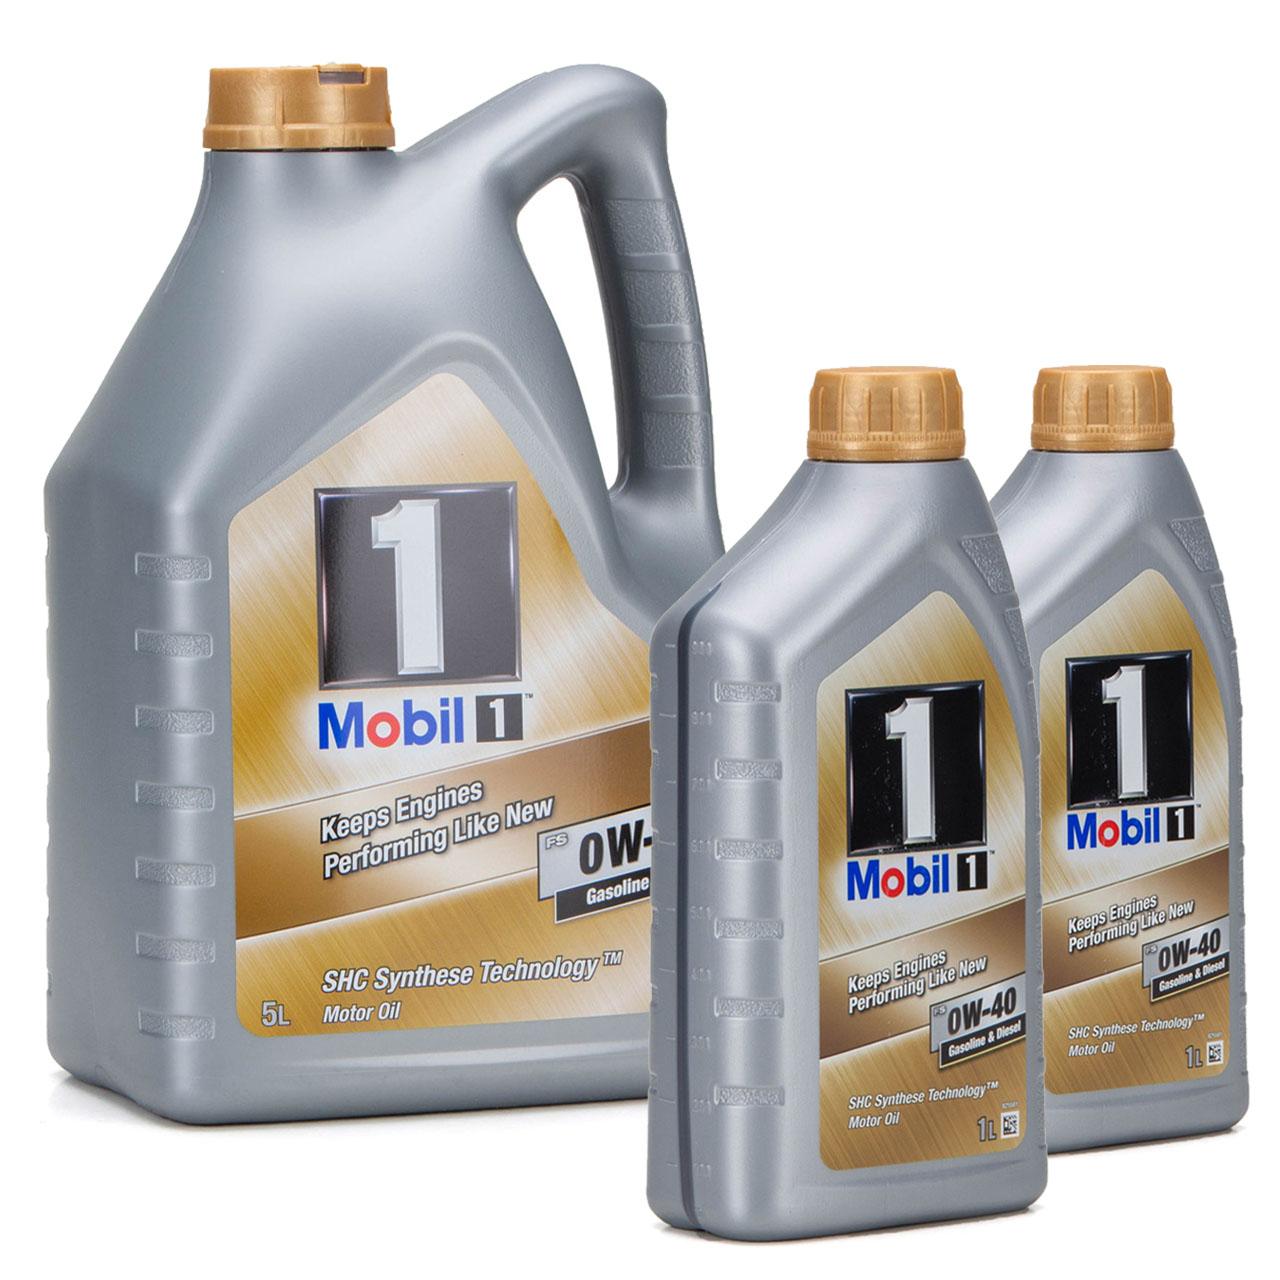 Mobil 1 FS Motoröl Öl 0W-40 0W40 MB PORSCHE A40 VW 502.00 505.00 - 7L 7 Liter